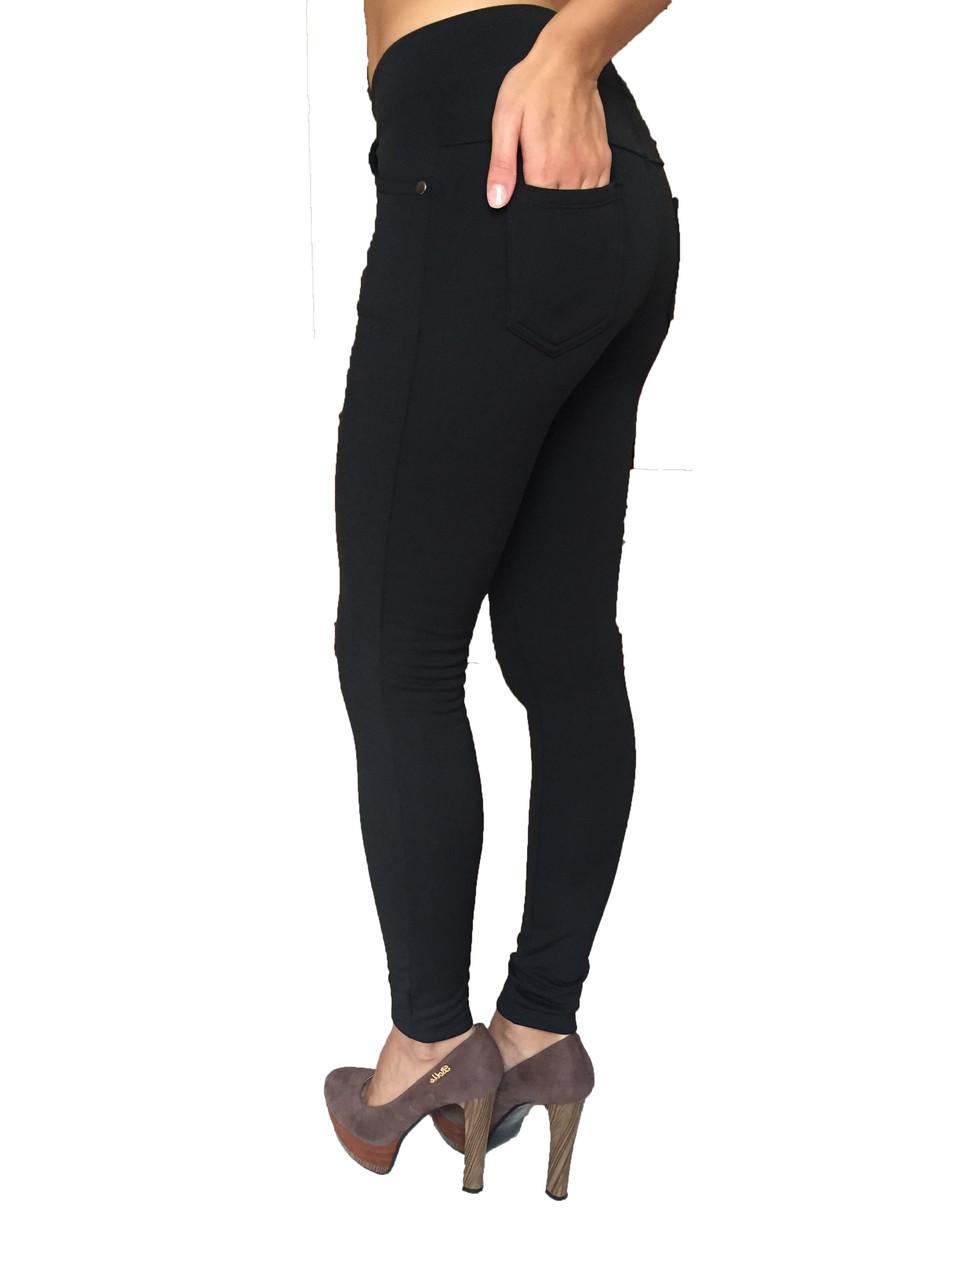 Женские брюки № 151 дайвиг-начес черные НОРМА